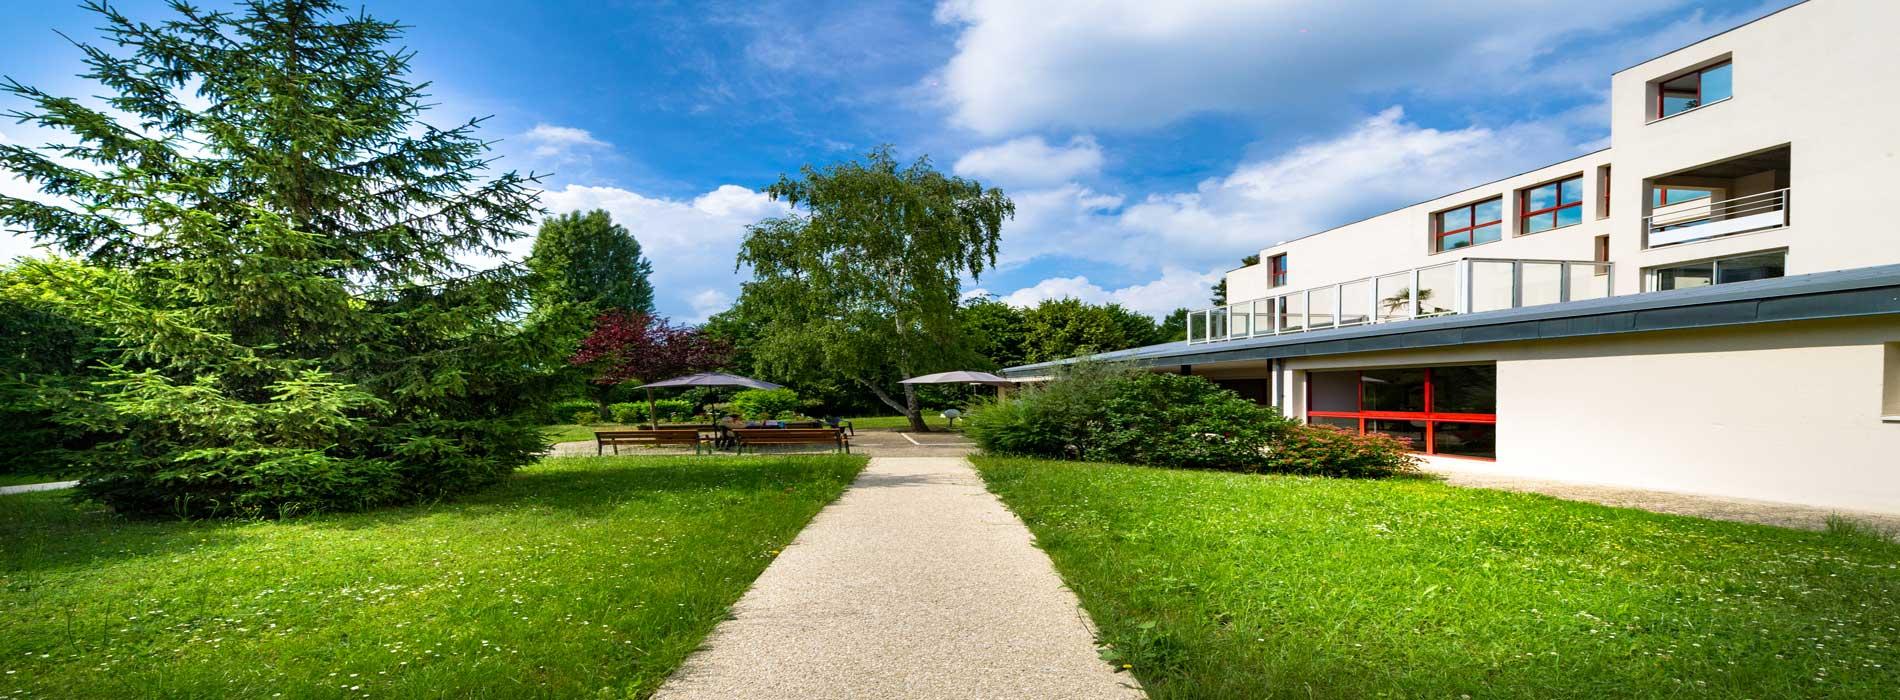 Maison de retraite Val de Seine